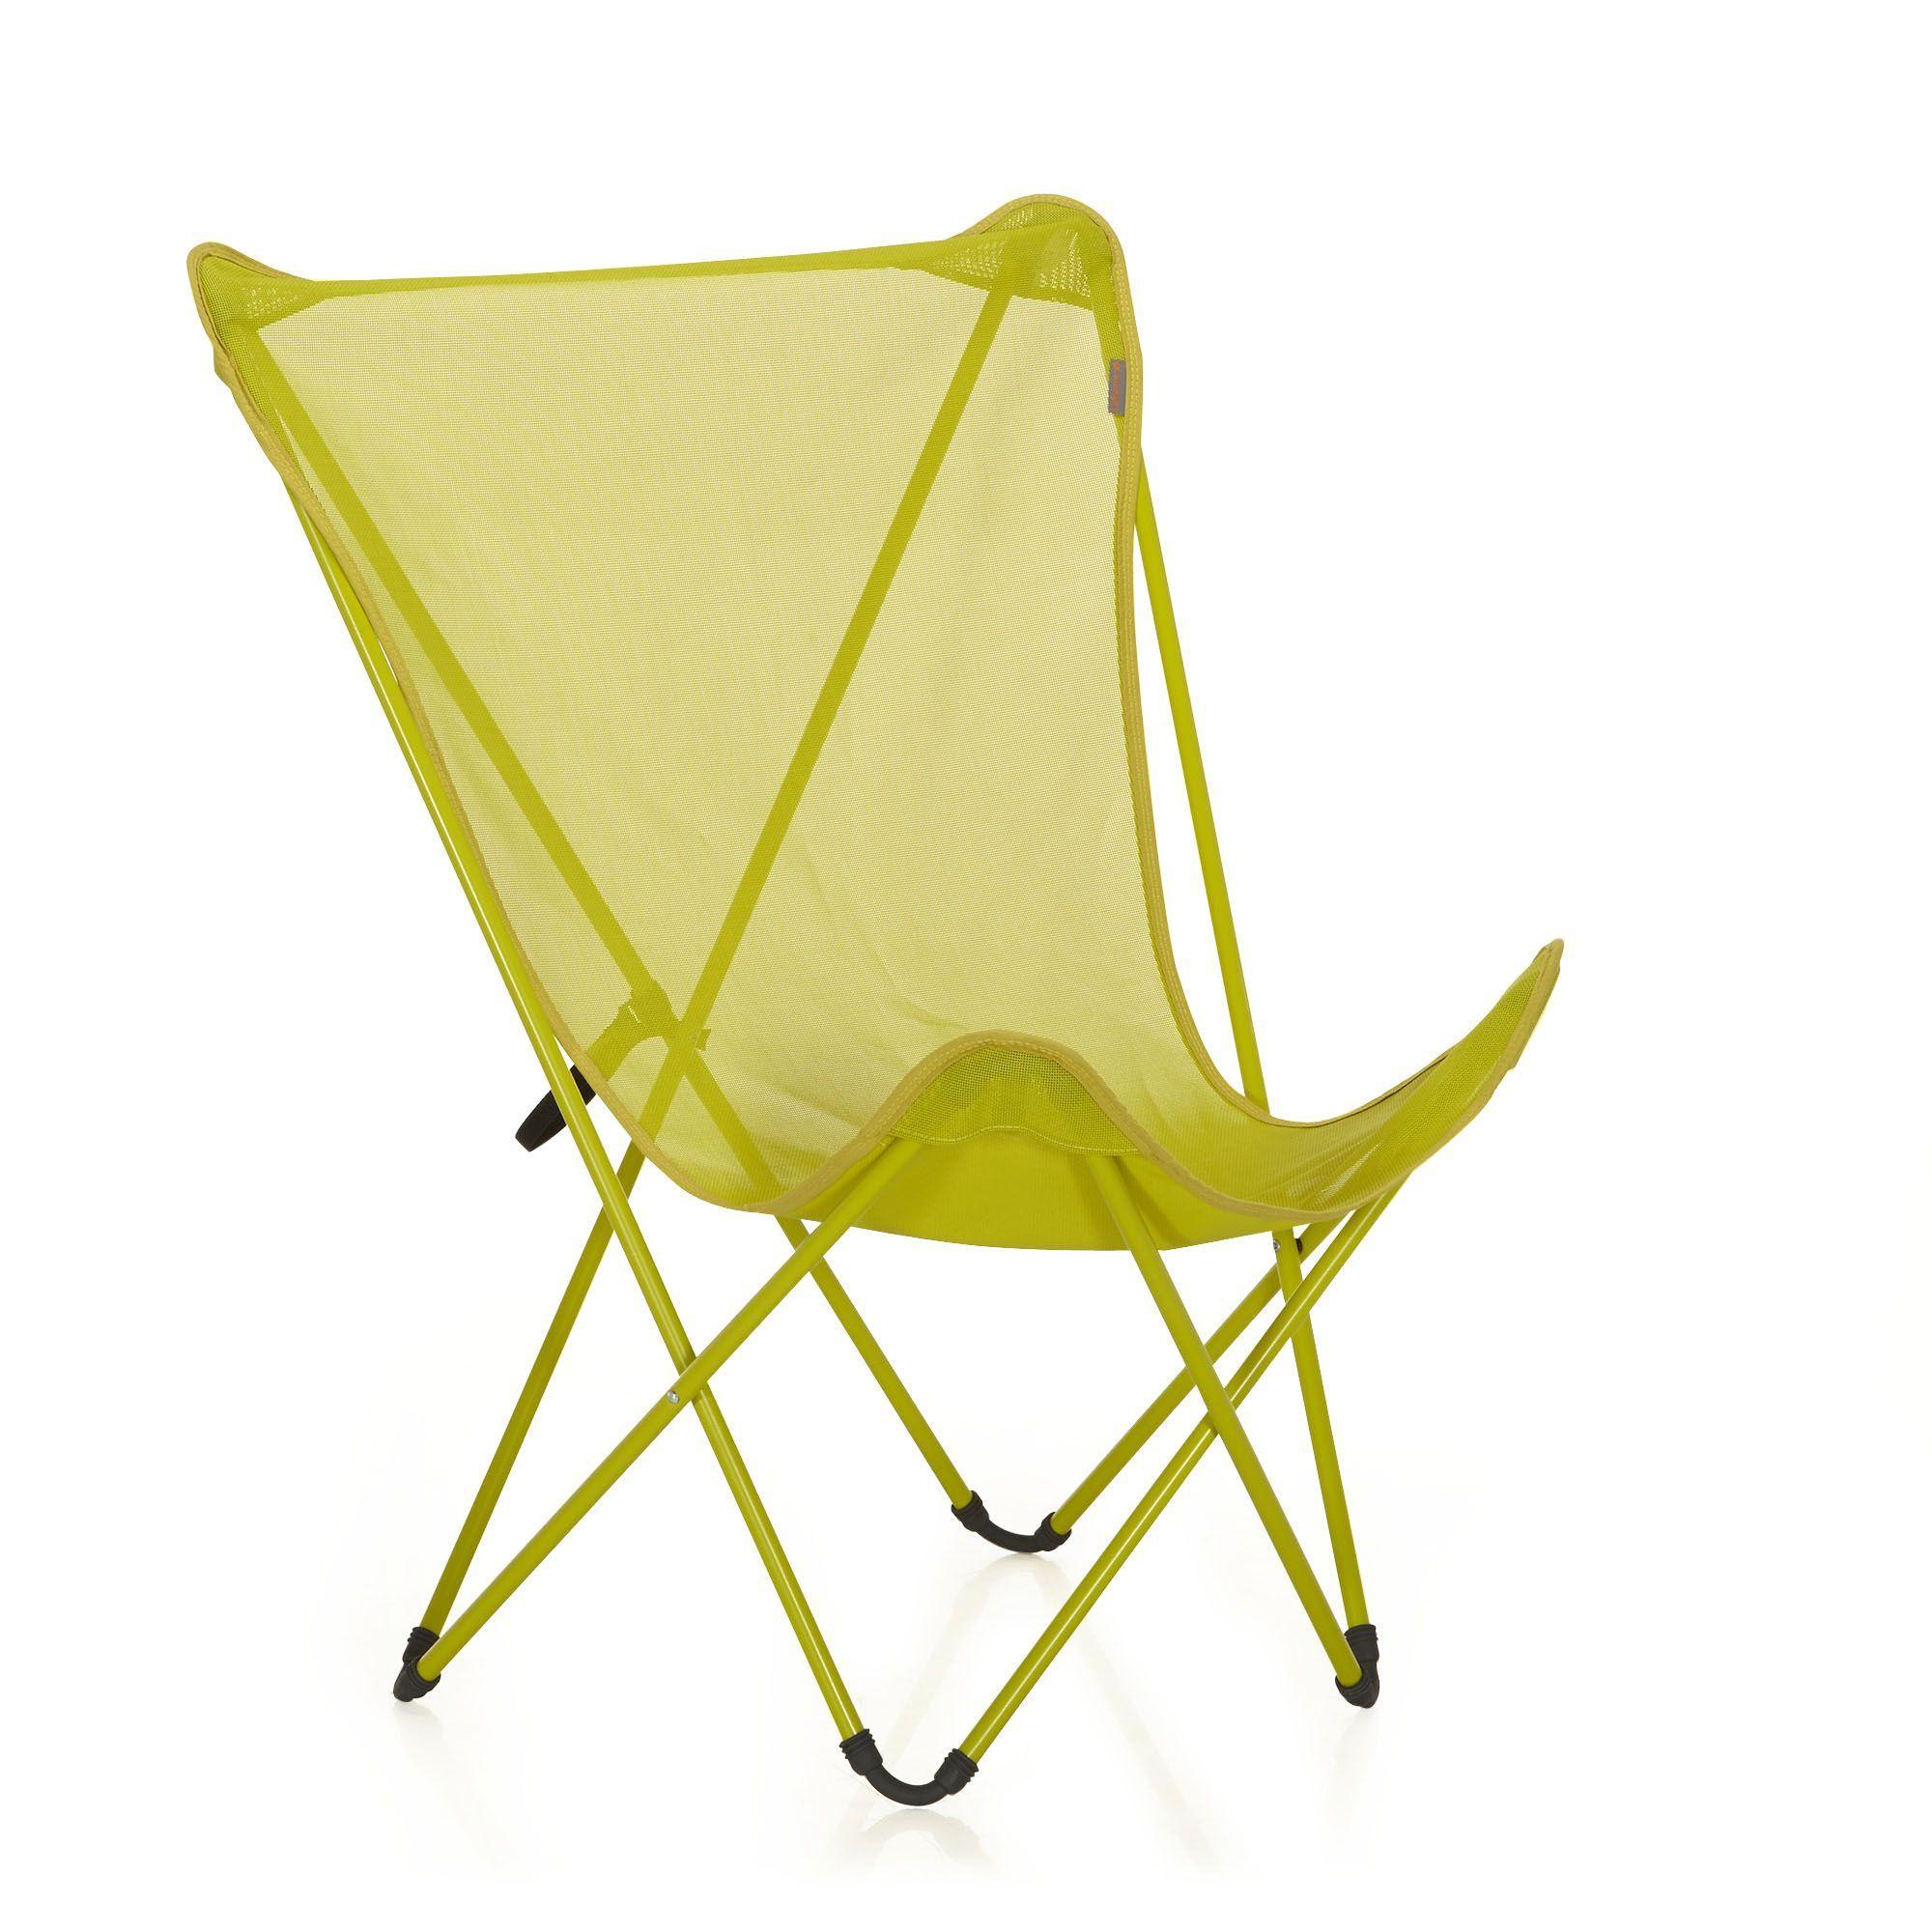 Fauteuil De Repos Pliant Lafuma Vert Anis Maxi Pop Up Chaises Longues Et Chiliennes Transats Et Chaises Longues Fauteuil Vert Chaise Mobilier De Salon